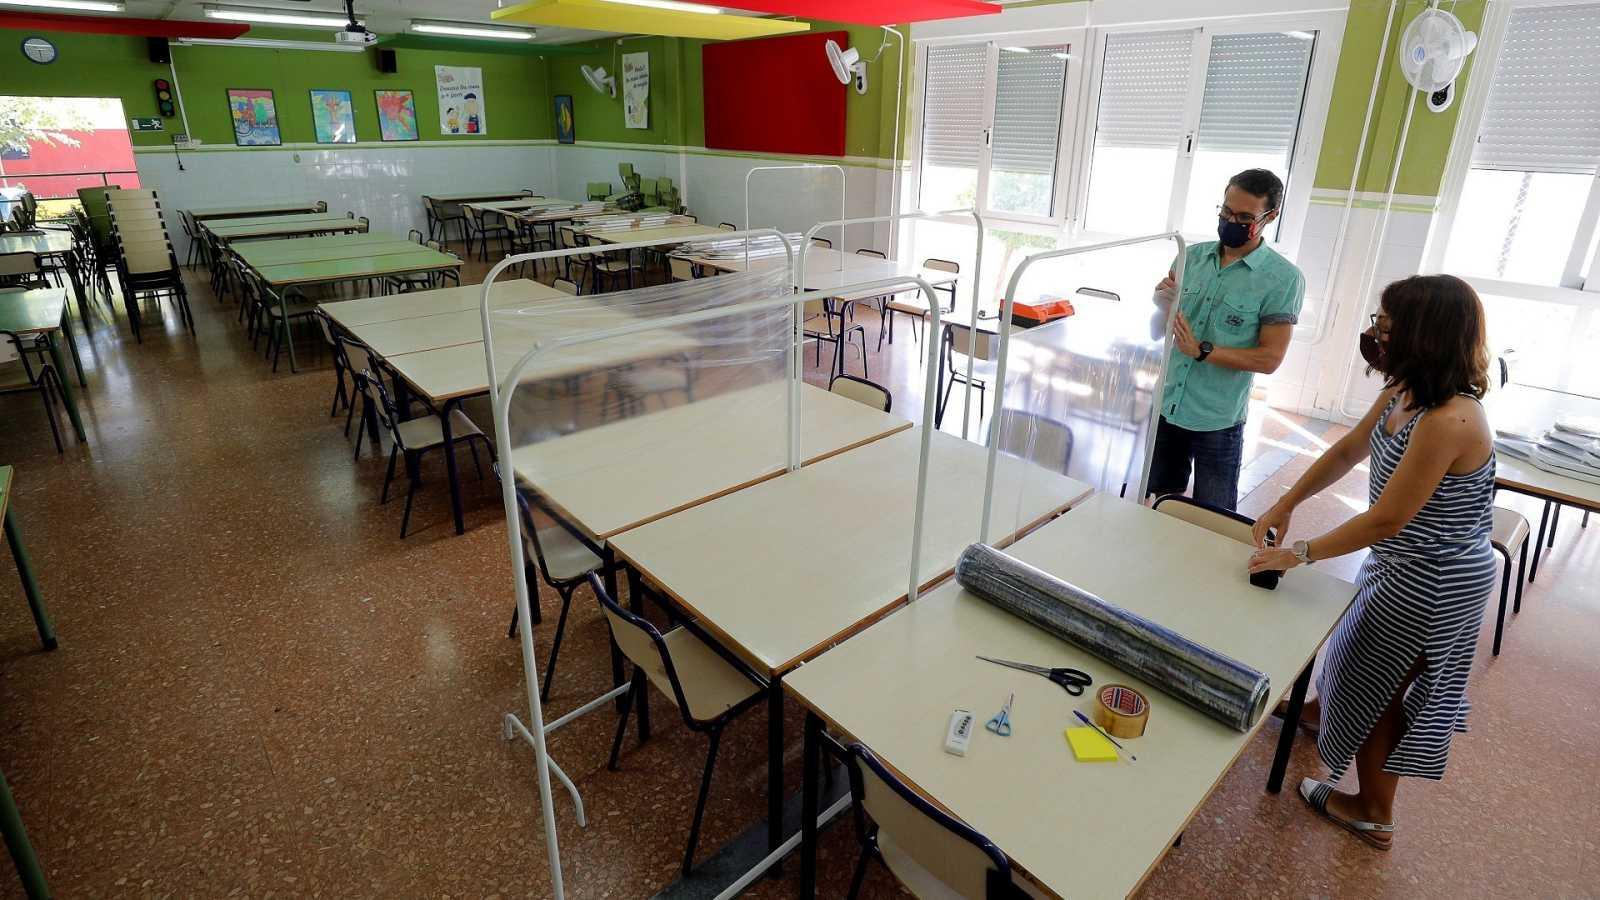 Trabajadores de un colegio público de Catarroja (Valencia) adecúan las aulas para el inicio del curso escolar.